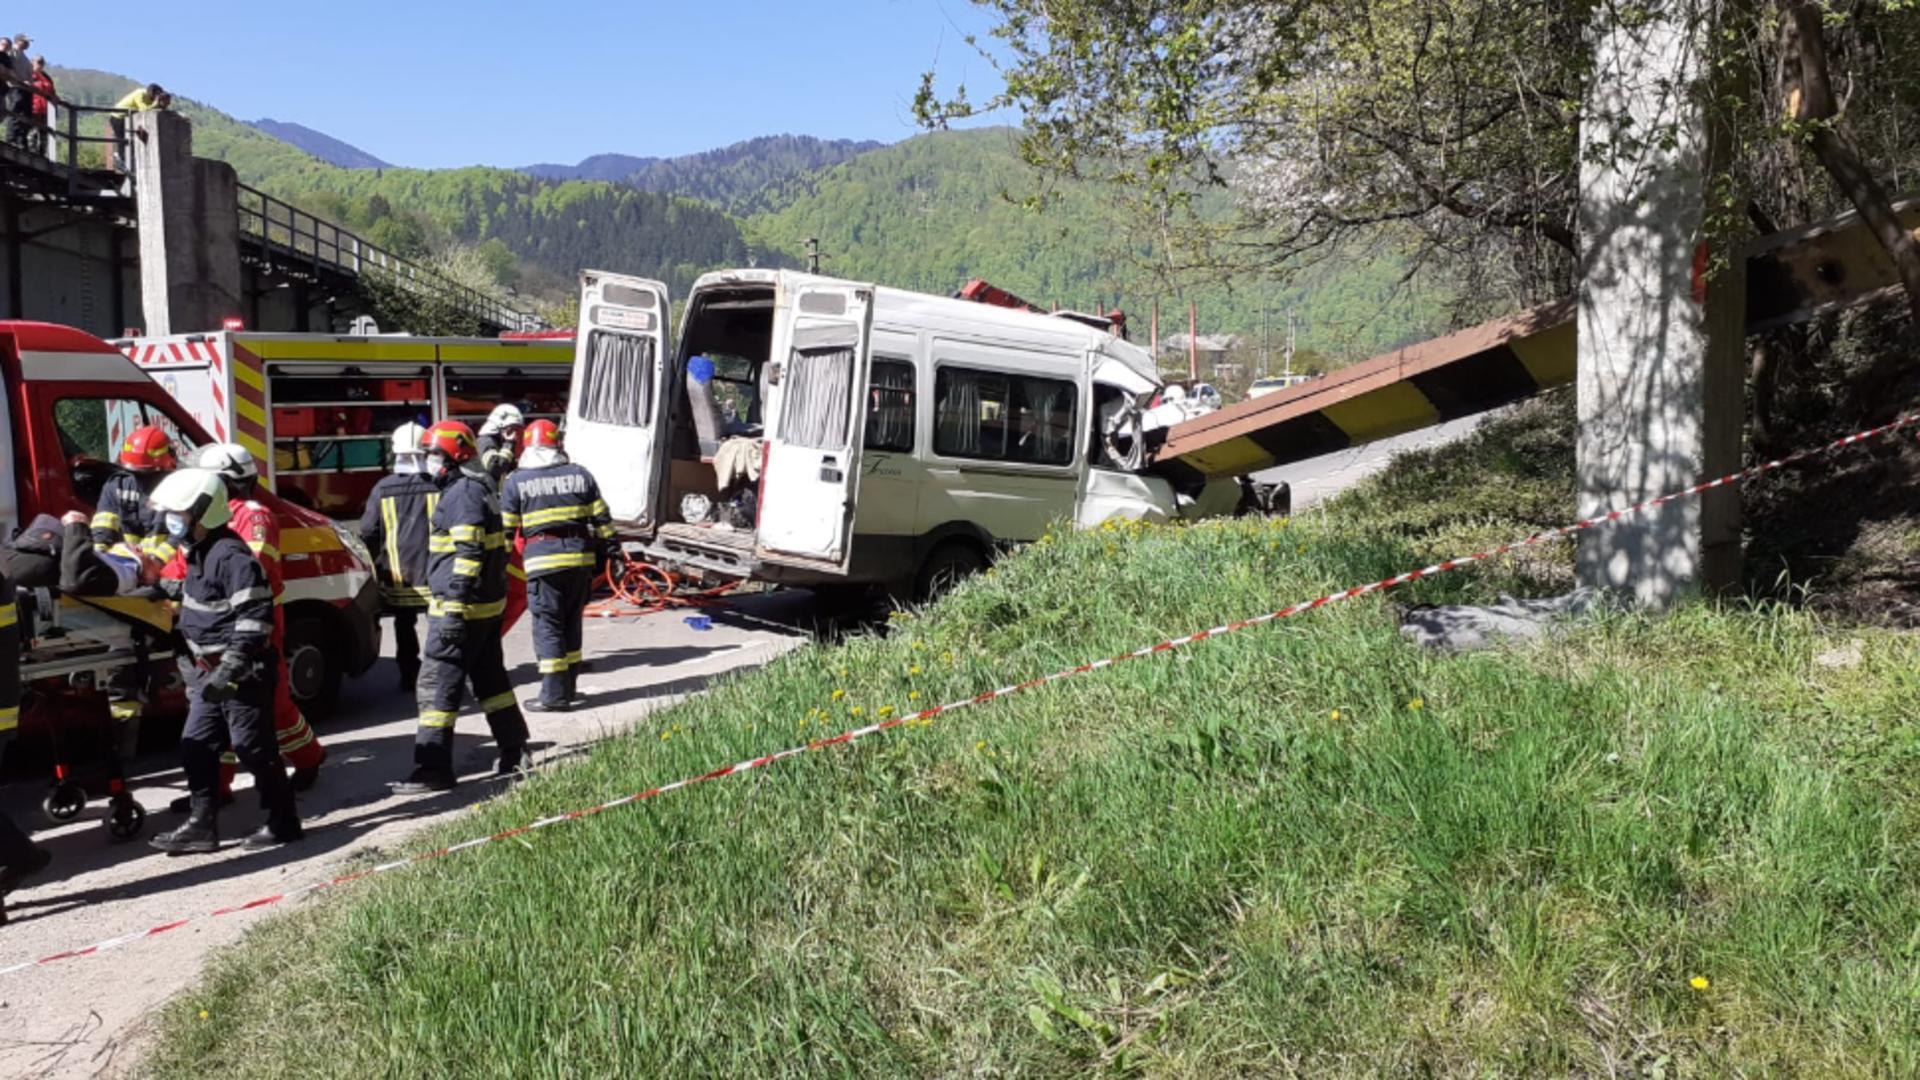 Bucăți dintr-un pod de tren au căzut peste un microbuz. Foto/ISU Neamț